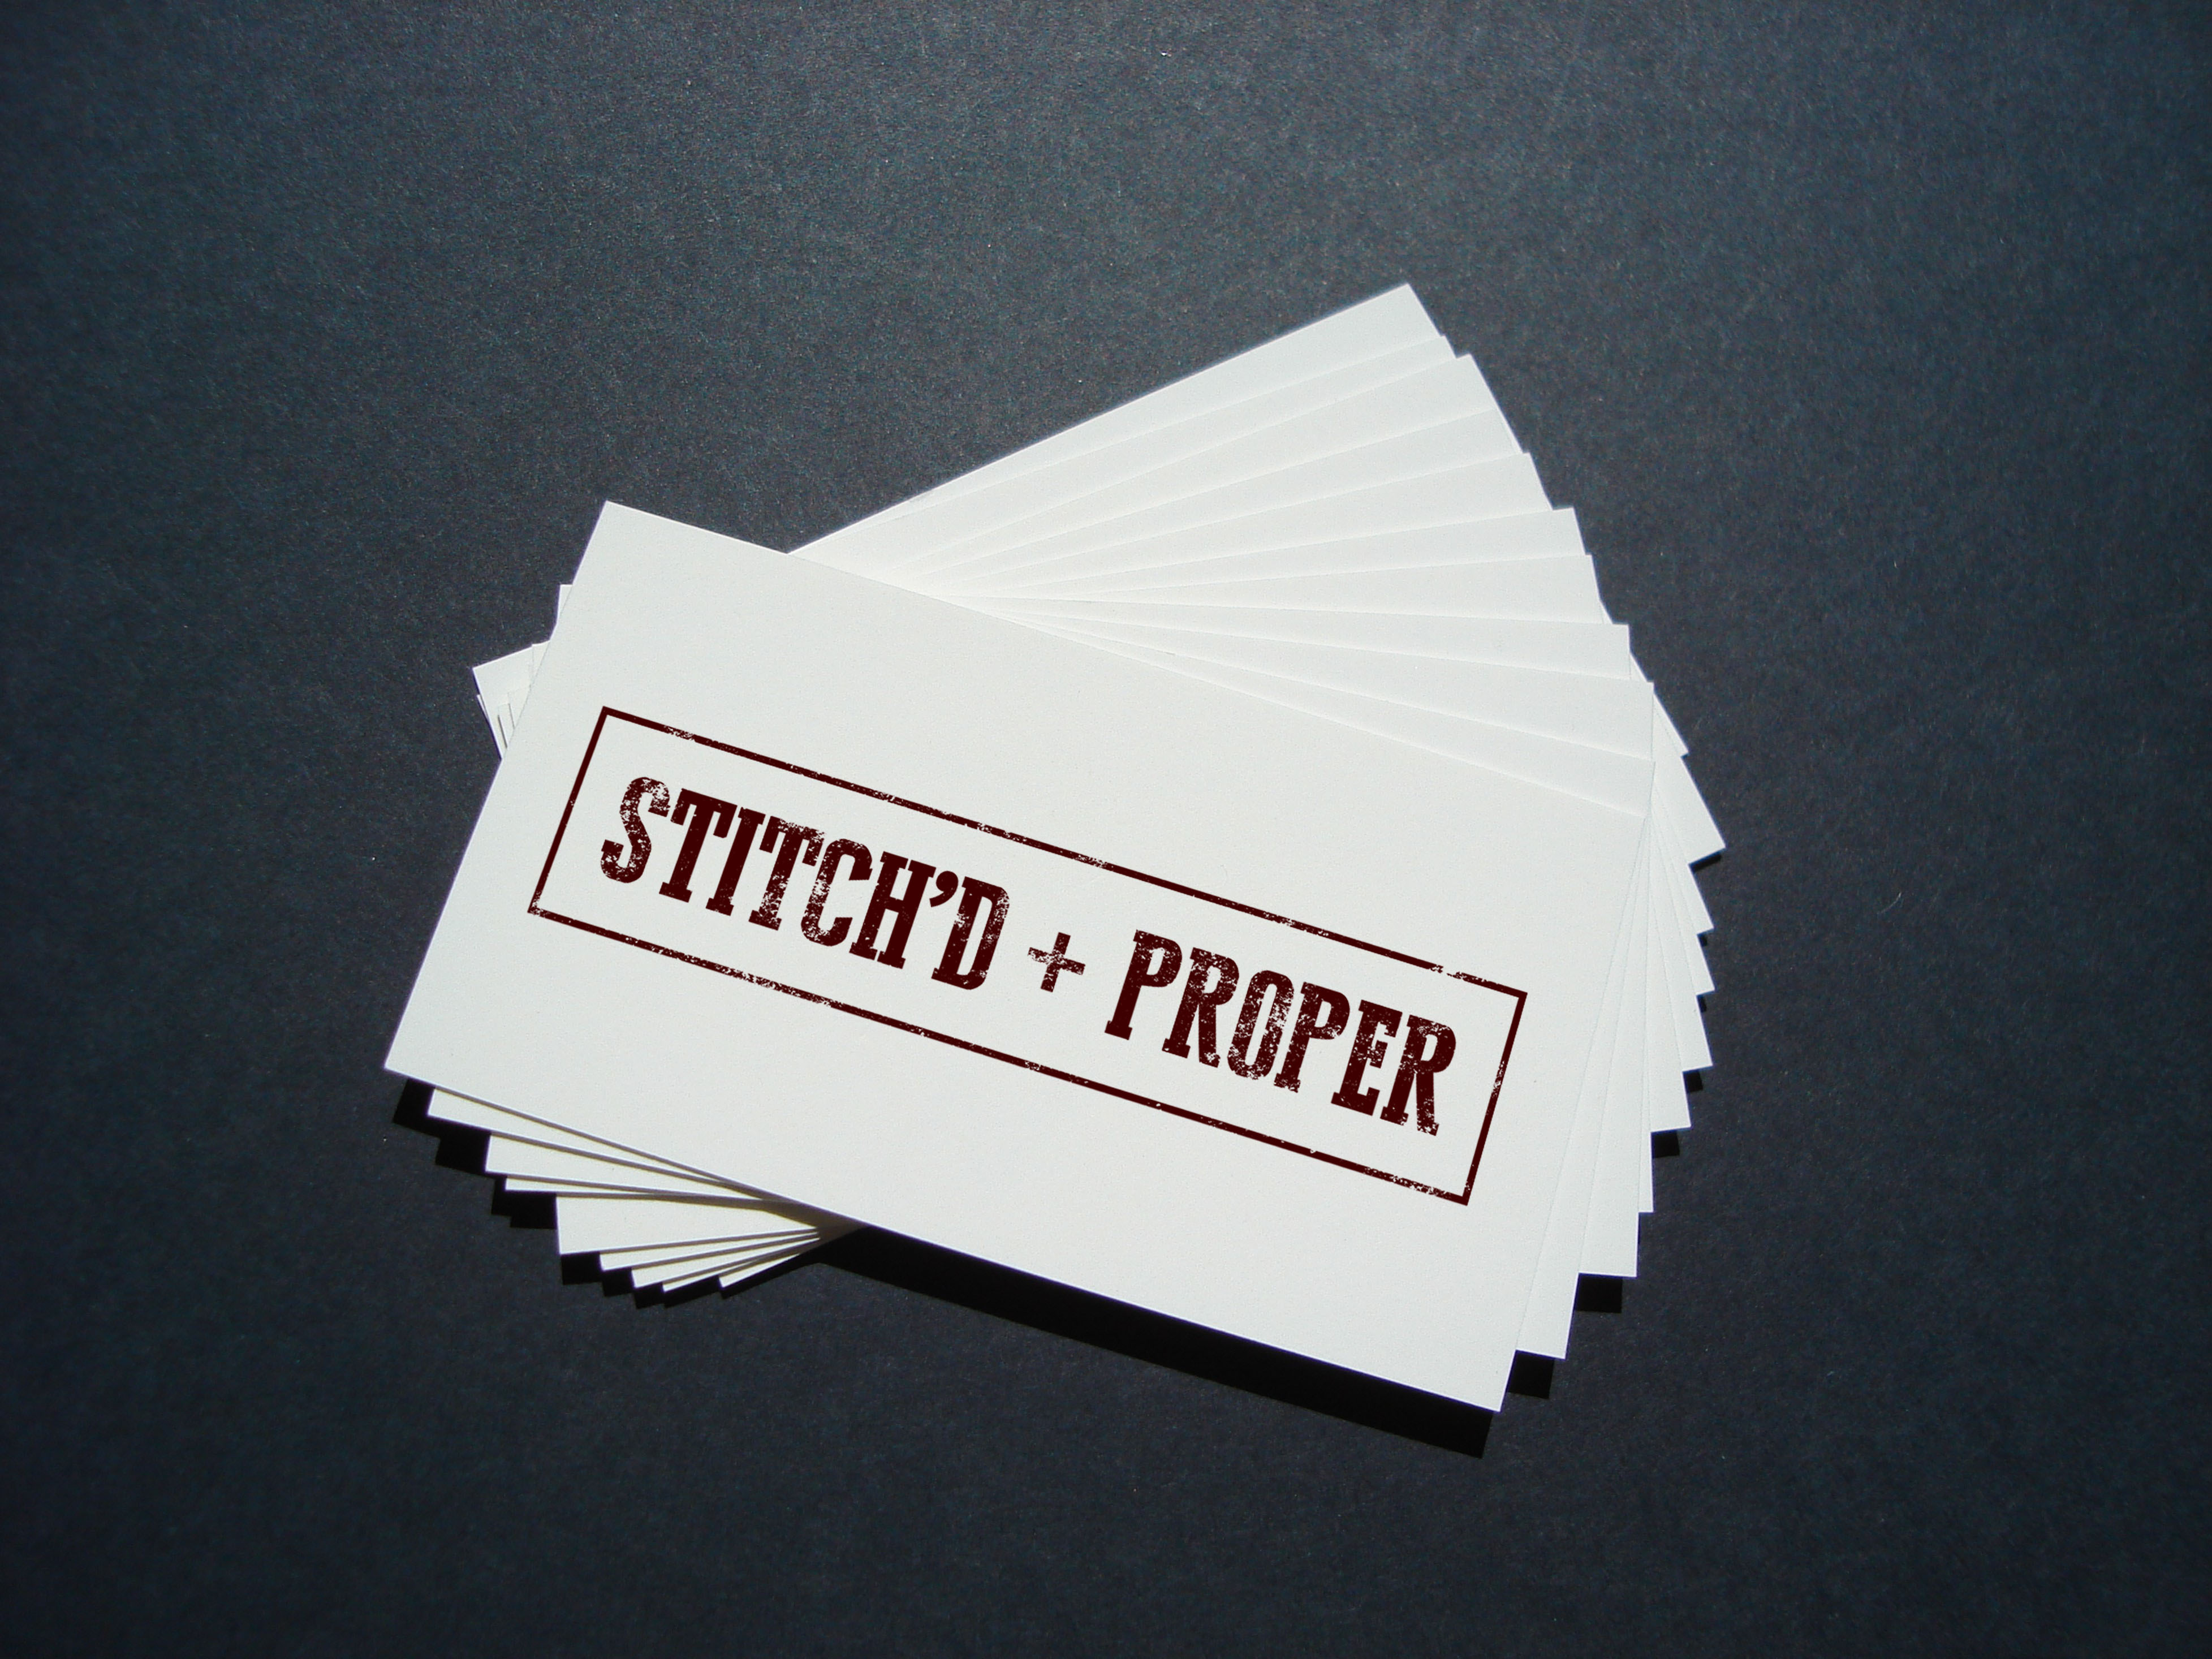 stitch'd proper business cards